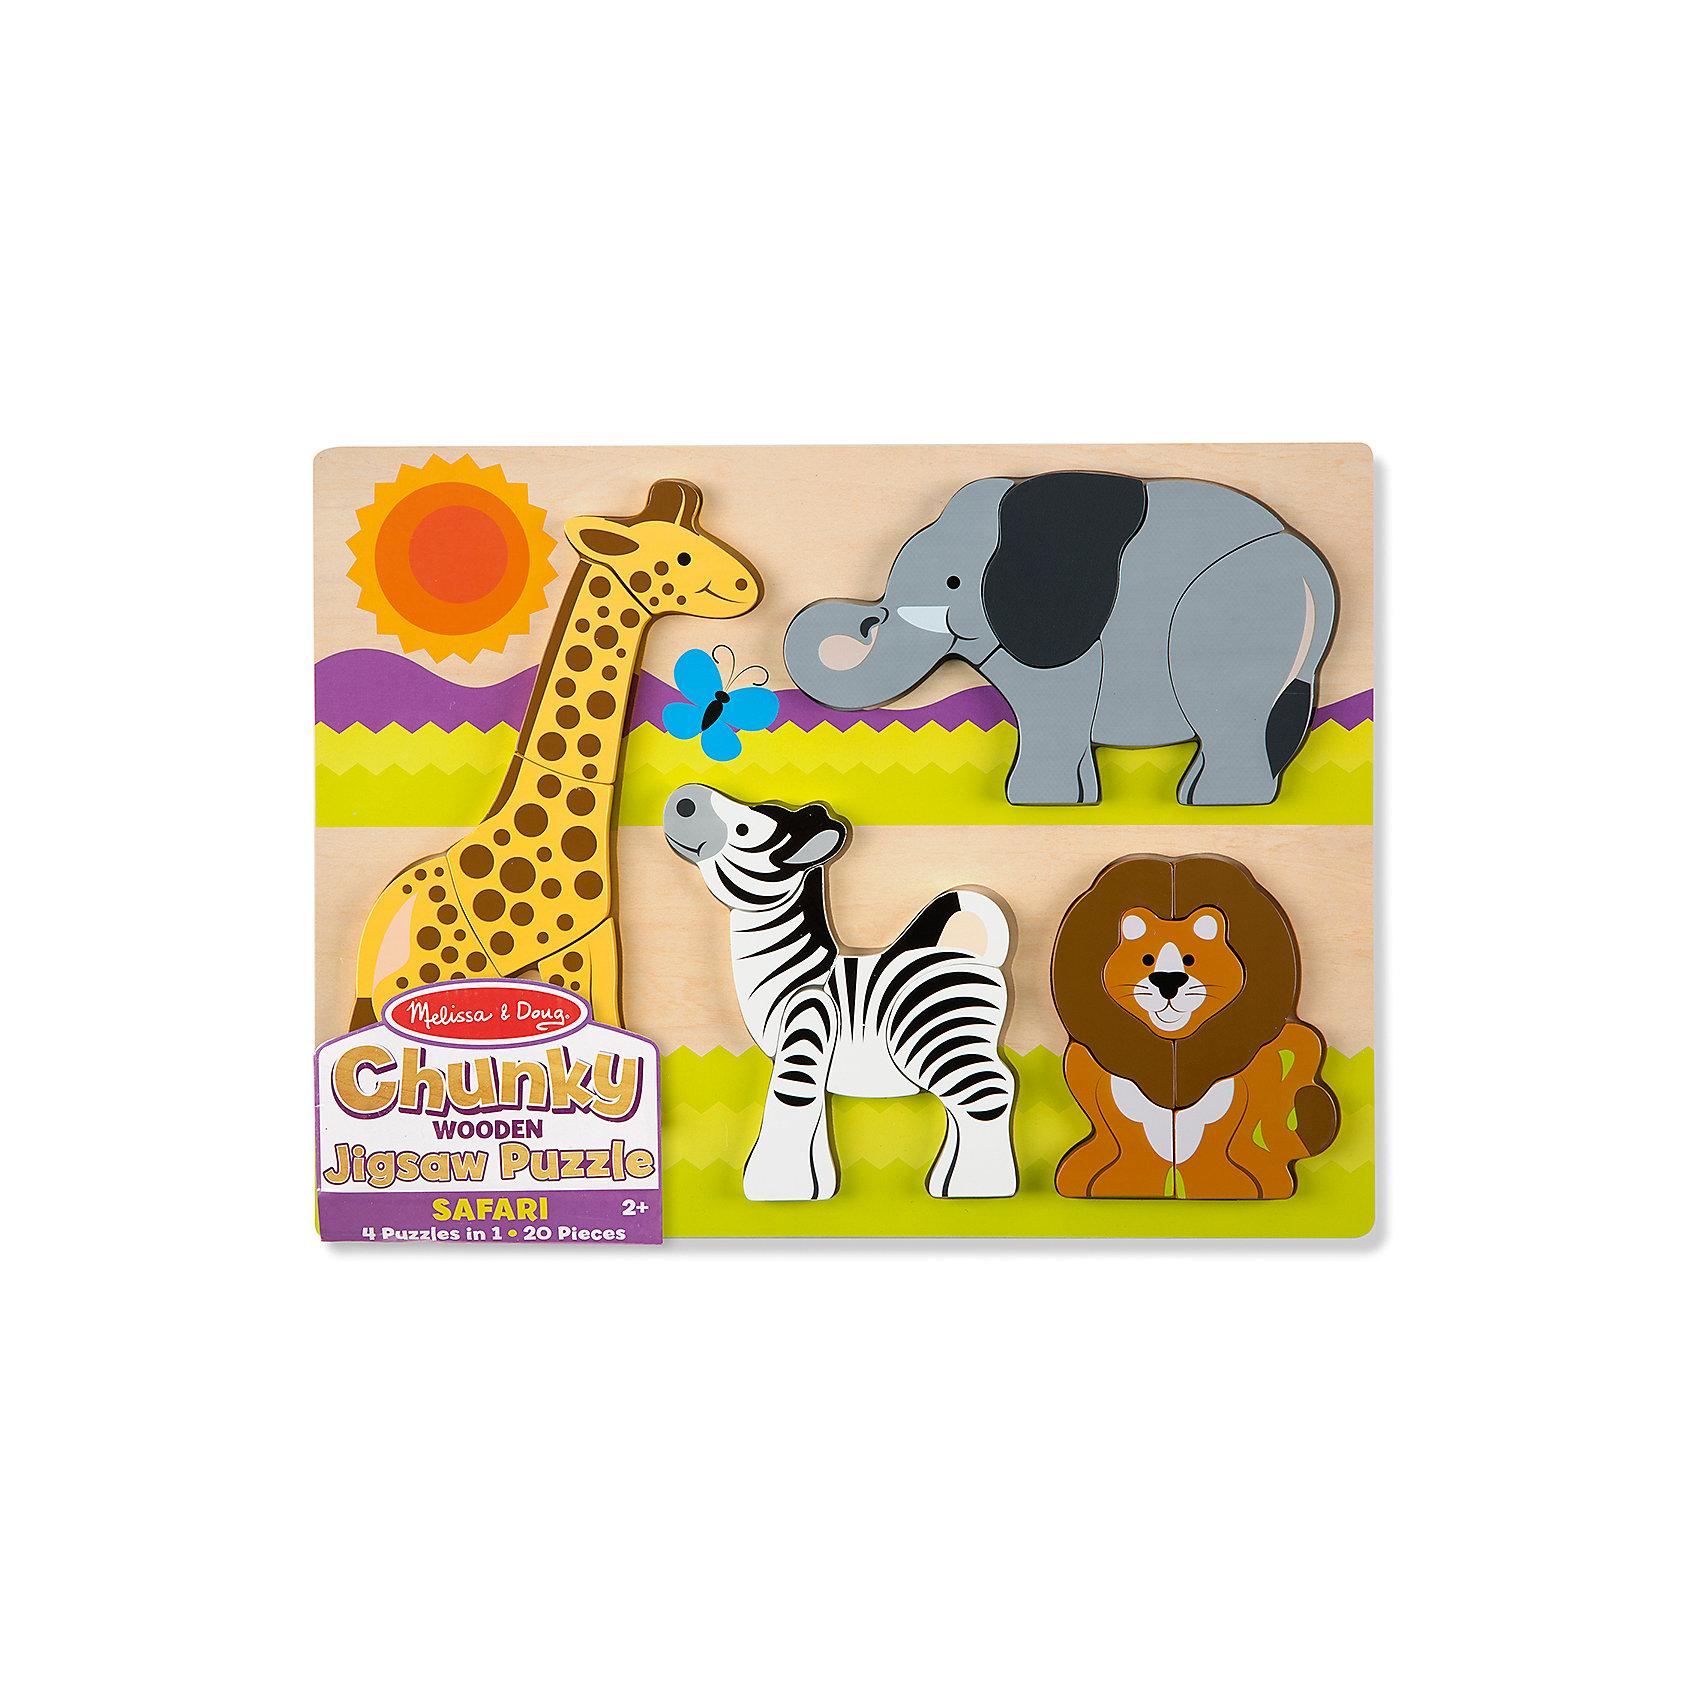 Мои первые пазлы Животные, Melissa &amp; DougПазлы для малышей<br>Мои первые пазлы Животные, Melissa &amp; Doug<br><br>Характеристики:<br><br>• В набор входит: рамка, детали пазла<br>• Количество деталей: 20 шт.<br>• Размер пазла: 40 * 3 * 30 см.<br>• Состав: дерево, картон, ПВХ<br>• Вес: 1430 г.<br>• Для детей в возрасте: от 2 до 4 лет<br>• Страна производитель: Китай<br><br>С этим пазлом вы можете собрать сразу четырёх животных Африки: жирафа, зебру, льва и слона. Под каждым животным расположена соответствующая картинка, чтобы малыш мог сопоставлять детали пазла и размещать их.  Каждое животное состоит из 4х, 5ти или 6ти деталей. Вы можете собирать с ребёнком каждую картинку по отдельности или усложнить задачу перемешав детали всех четырёх животных. Вы можете выучить цвета, названия животных и развивать самооценку малыша, ведь он сможет собрать все картинки самостоятельно! <br><br>Мои первые пазлы Животные, Melissa &amp; Doug можно купить в нашем интернет-магазине.<br><br>Ширина мм: 400<br>Глубина мм: 30<br>Высота мм: 300<br>Вес г: 1429<br>Возраст от месяцев: 24<br>Возраст до месяцев: 2147483647<br>Пол: Унисекс<br>Возраст: Детский<br>SKU: 5451052